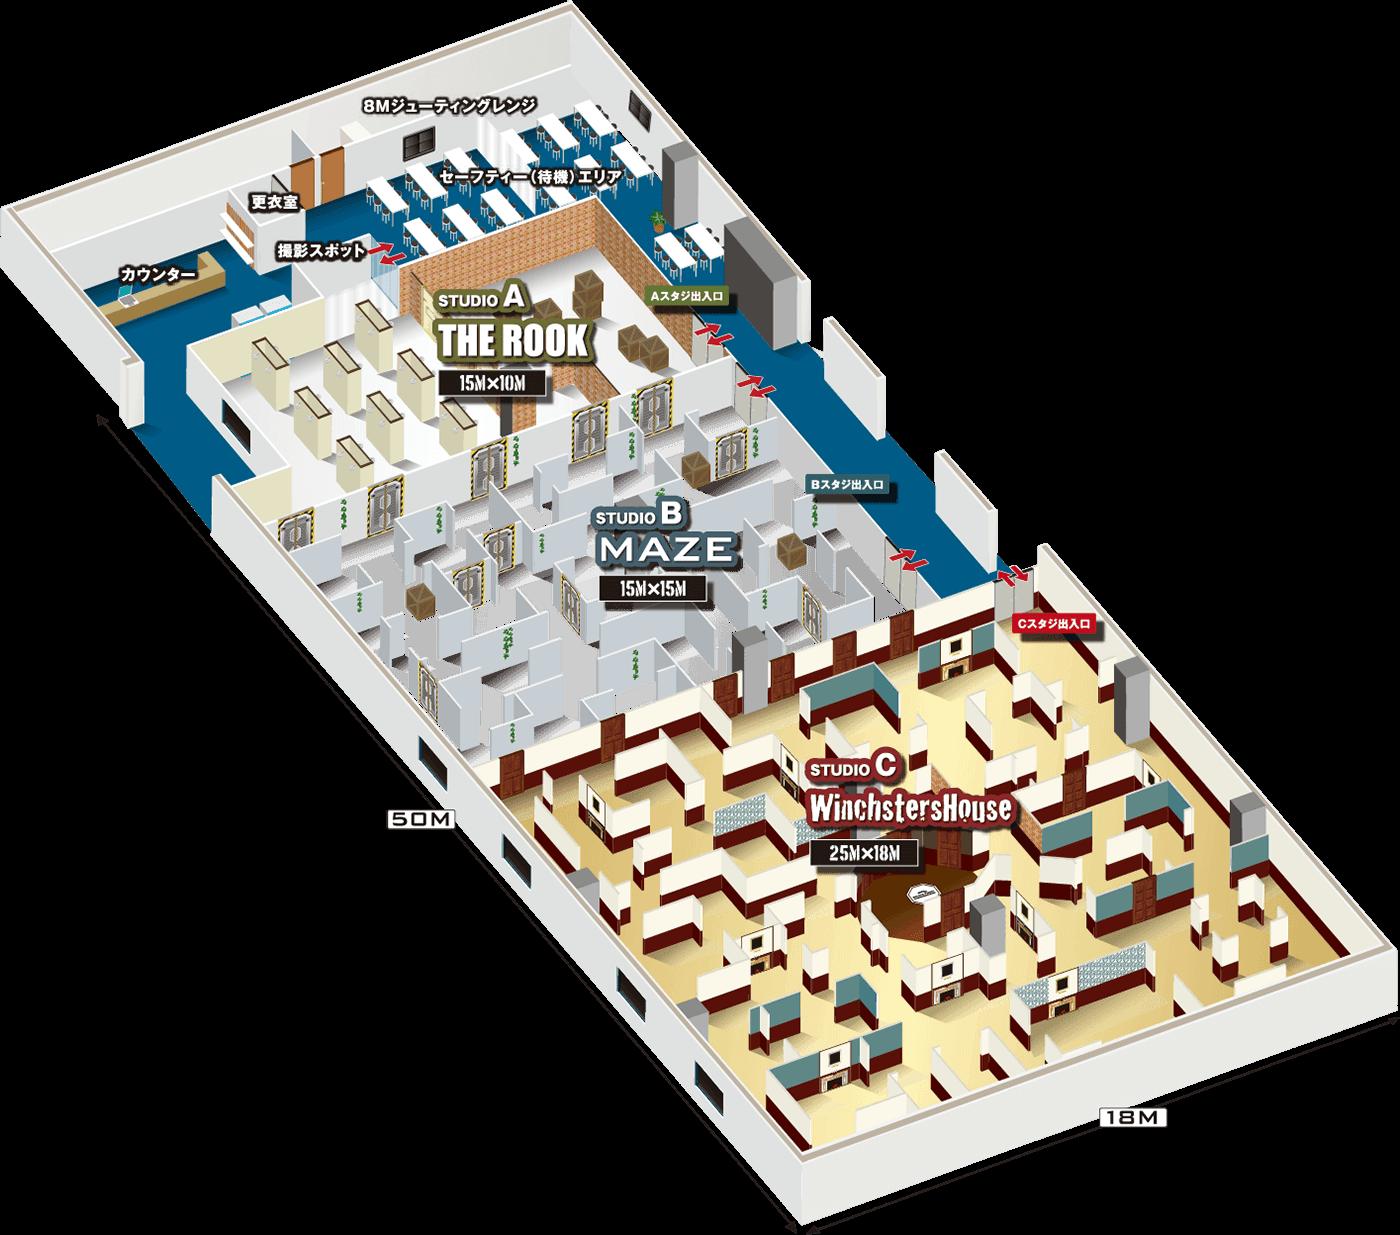 名古屋のサバゲーならBrave Point 名古屋店 | スタジオ全体図